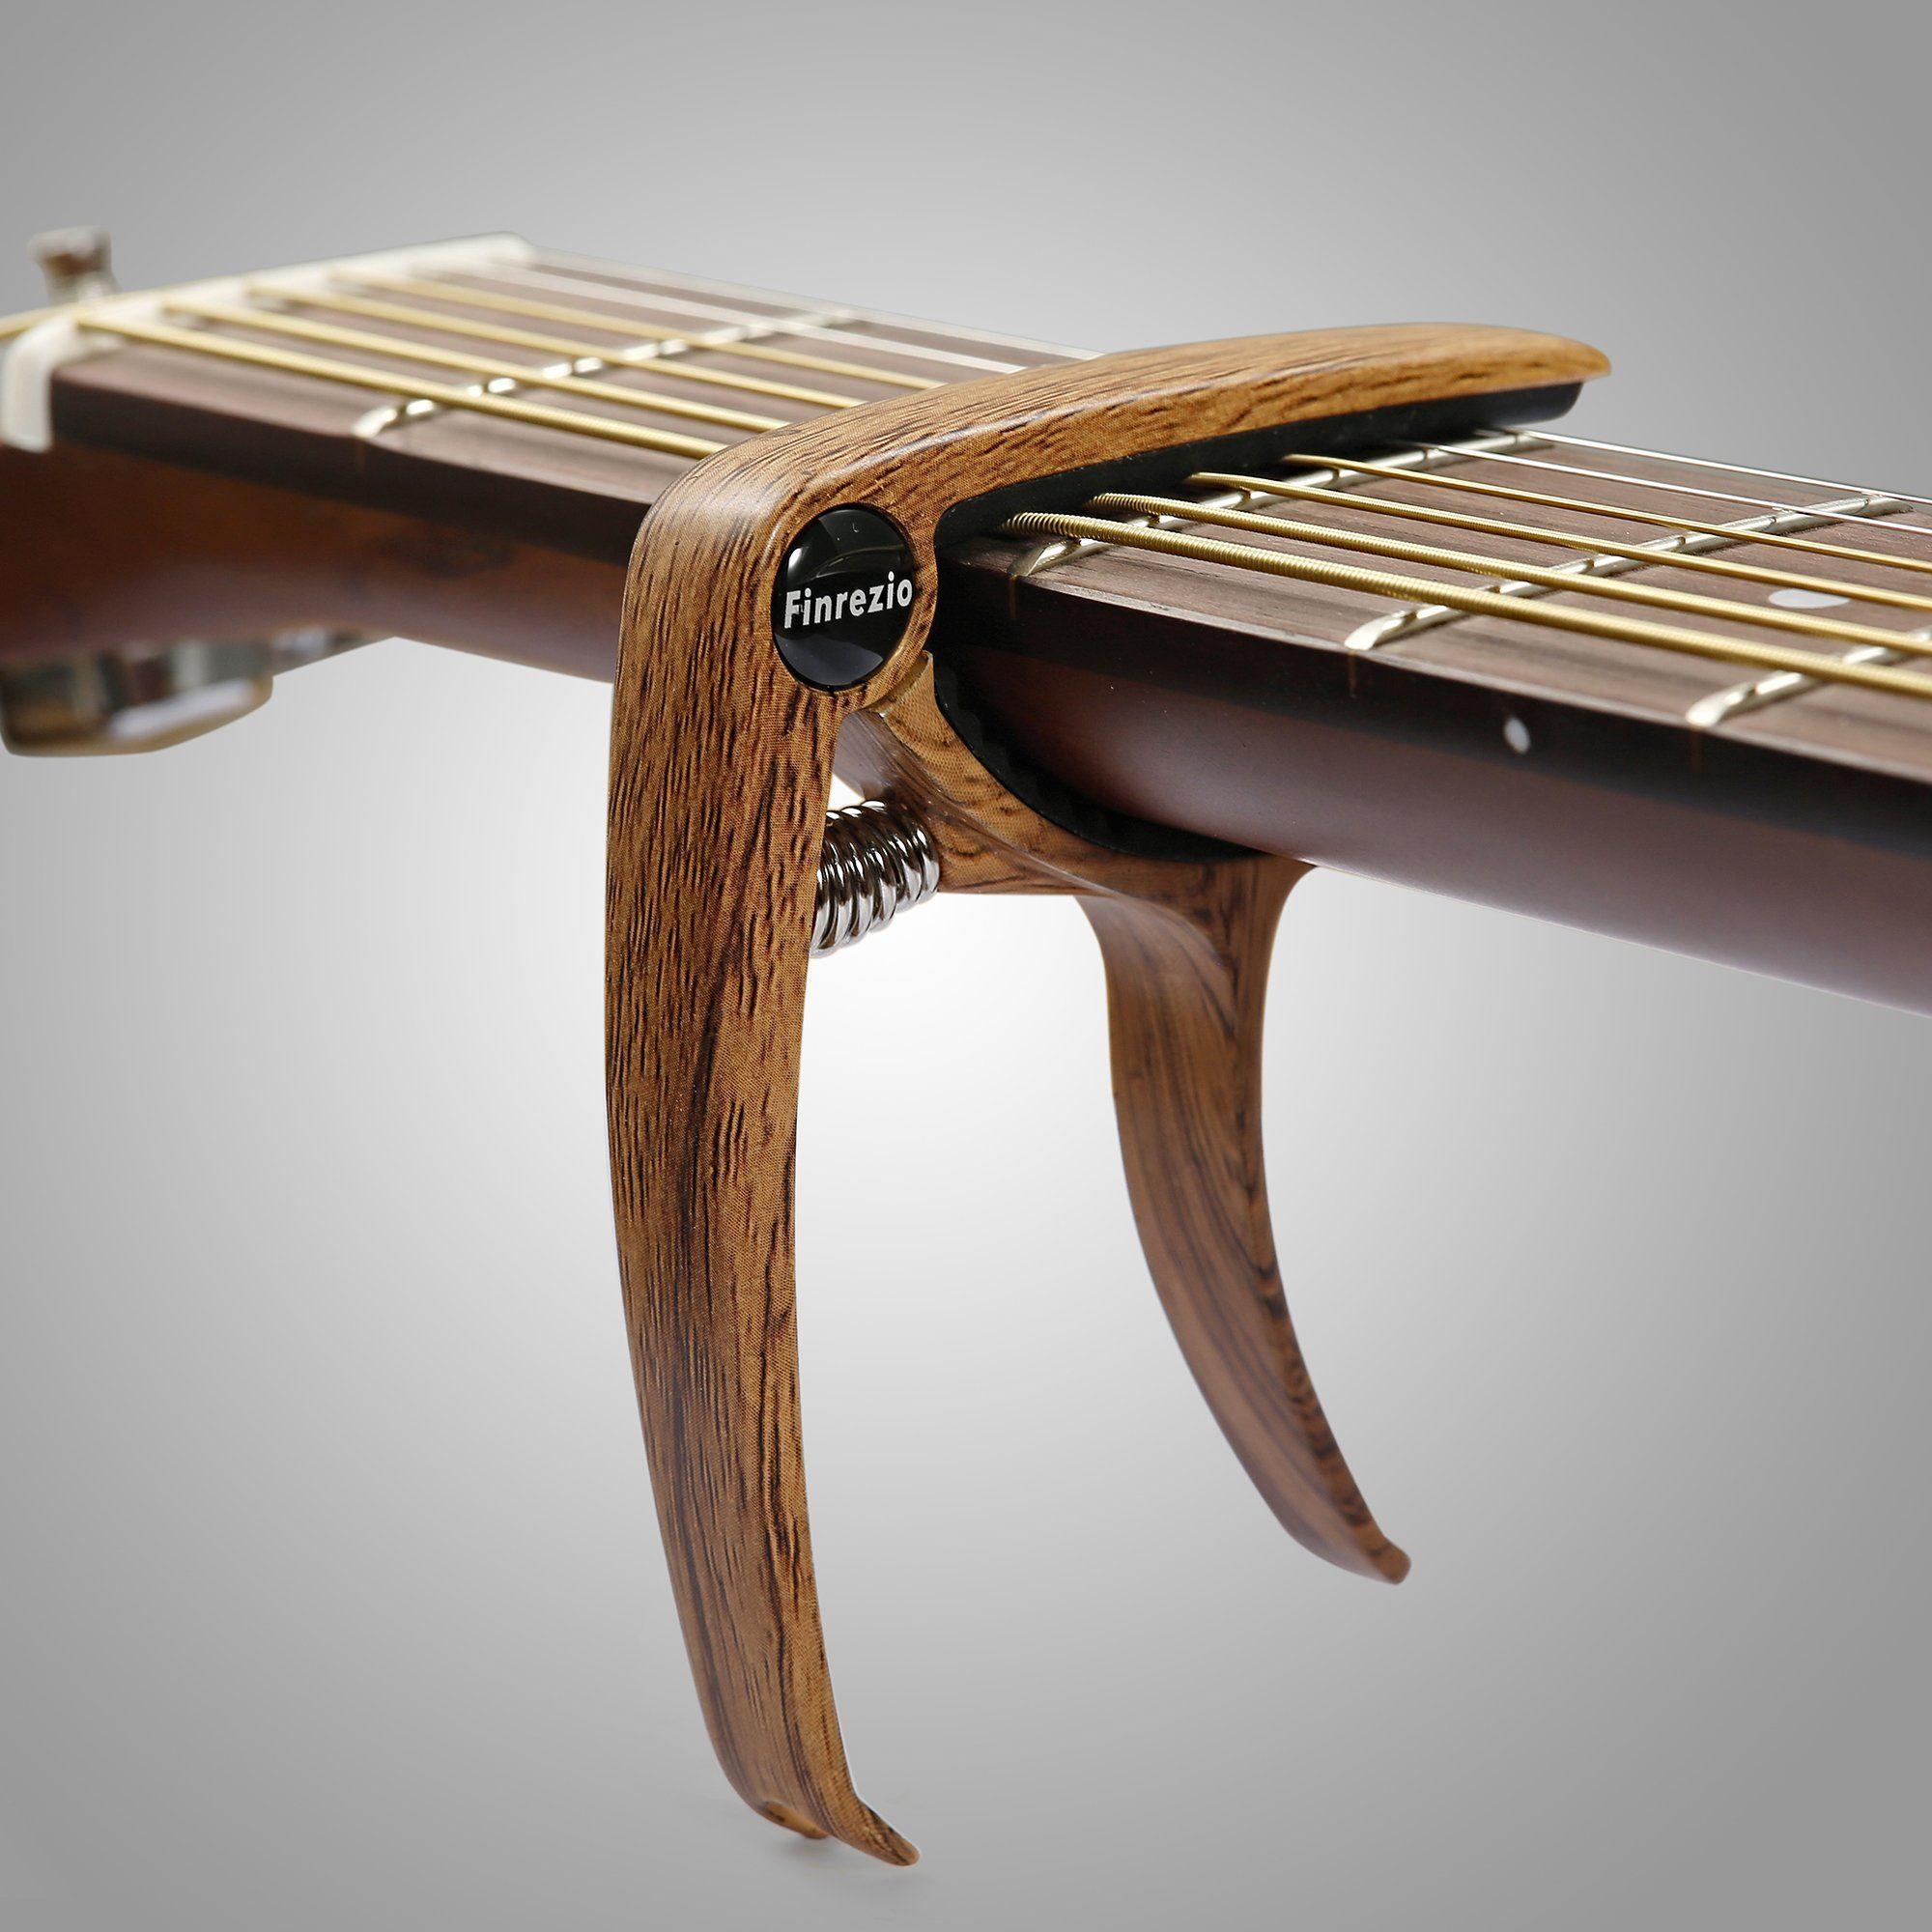 Finrezio 2 Pcs Classical Guitar Capos With 8 Pcs Guitar Picks For Acoustic Guitar 2 Pcs Wood Color More Info Coul Guitar Capo Classical Guitar Guitar Picks